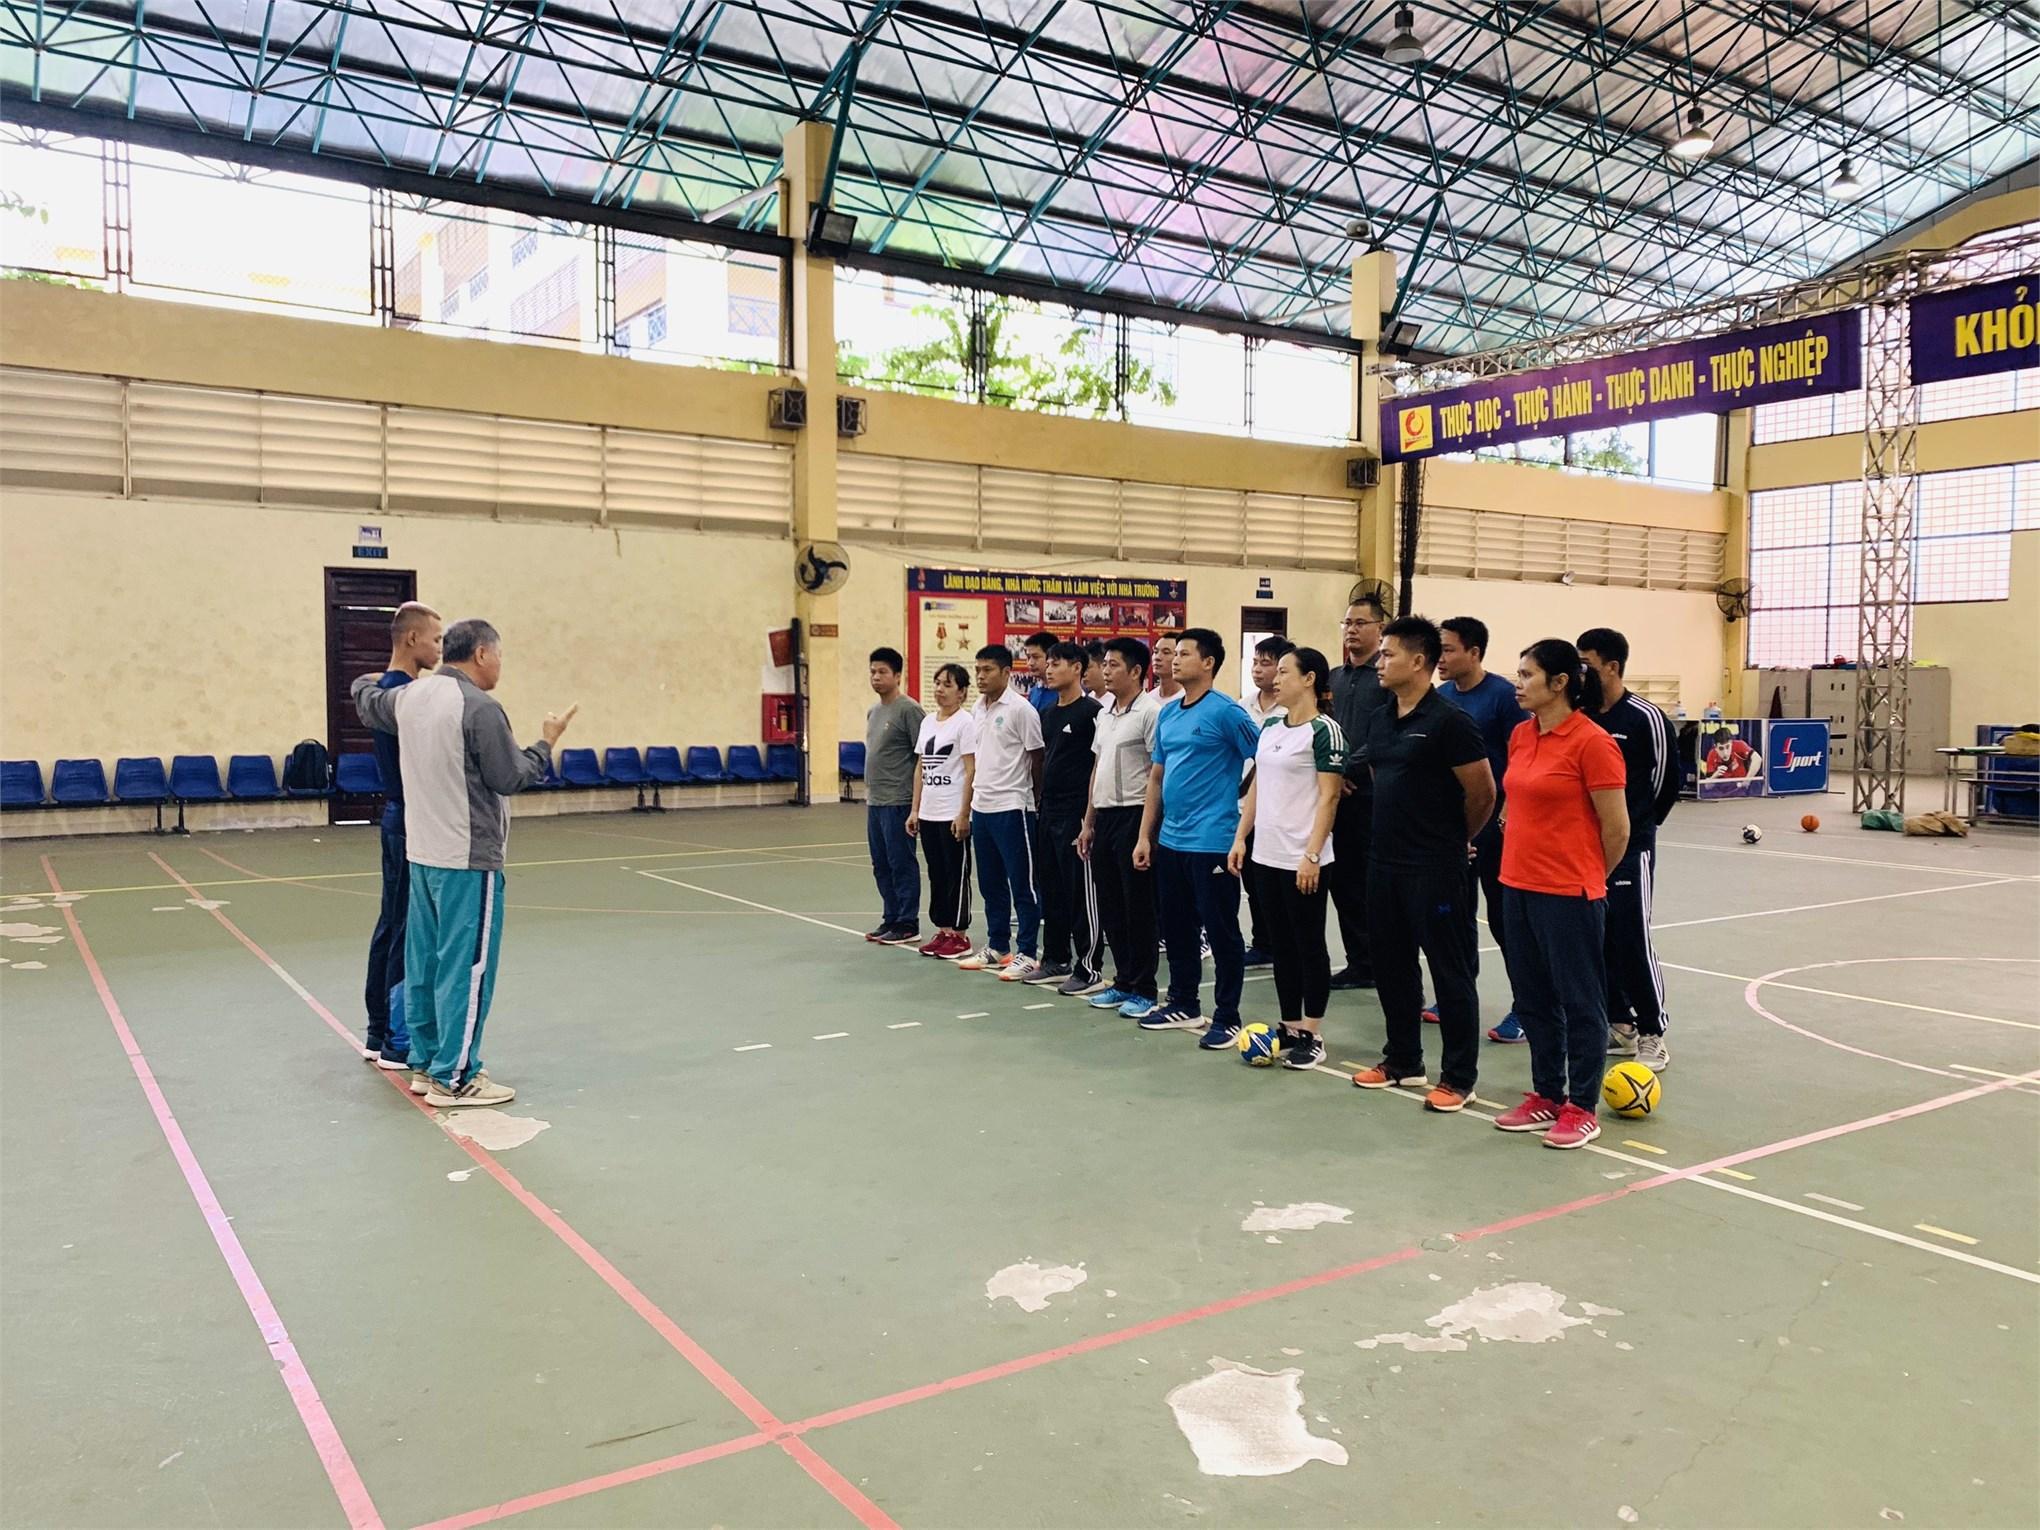 Tập huấn nâng cao trình độ môn Bóng ném cho giảng viên, giáo viên Trung tâm Giáo dục Thể chất và Thể thao năm học 2020 – 2021